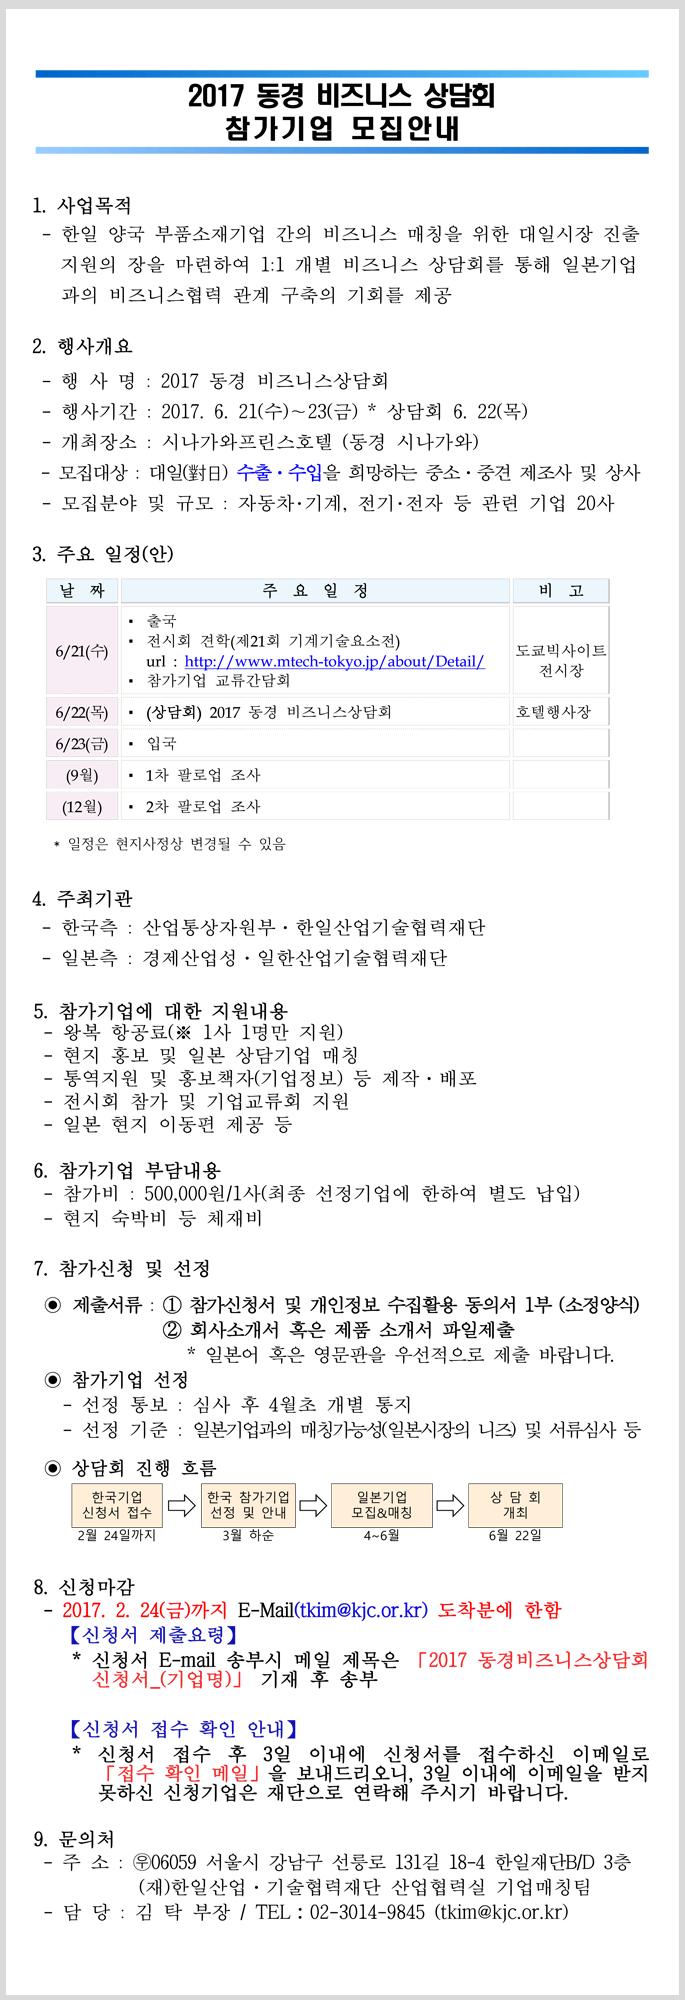 2017 동경비즈니스 상담회 참가기업 모집안내.png